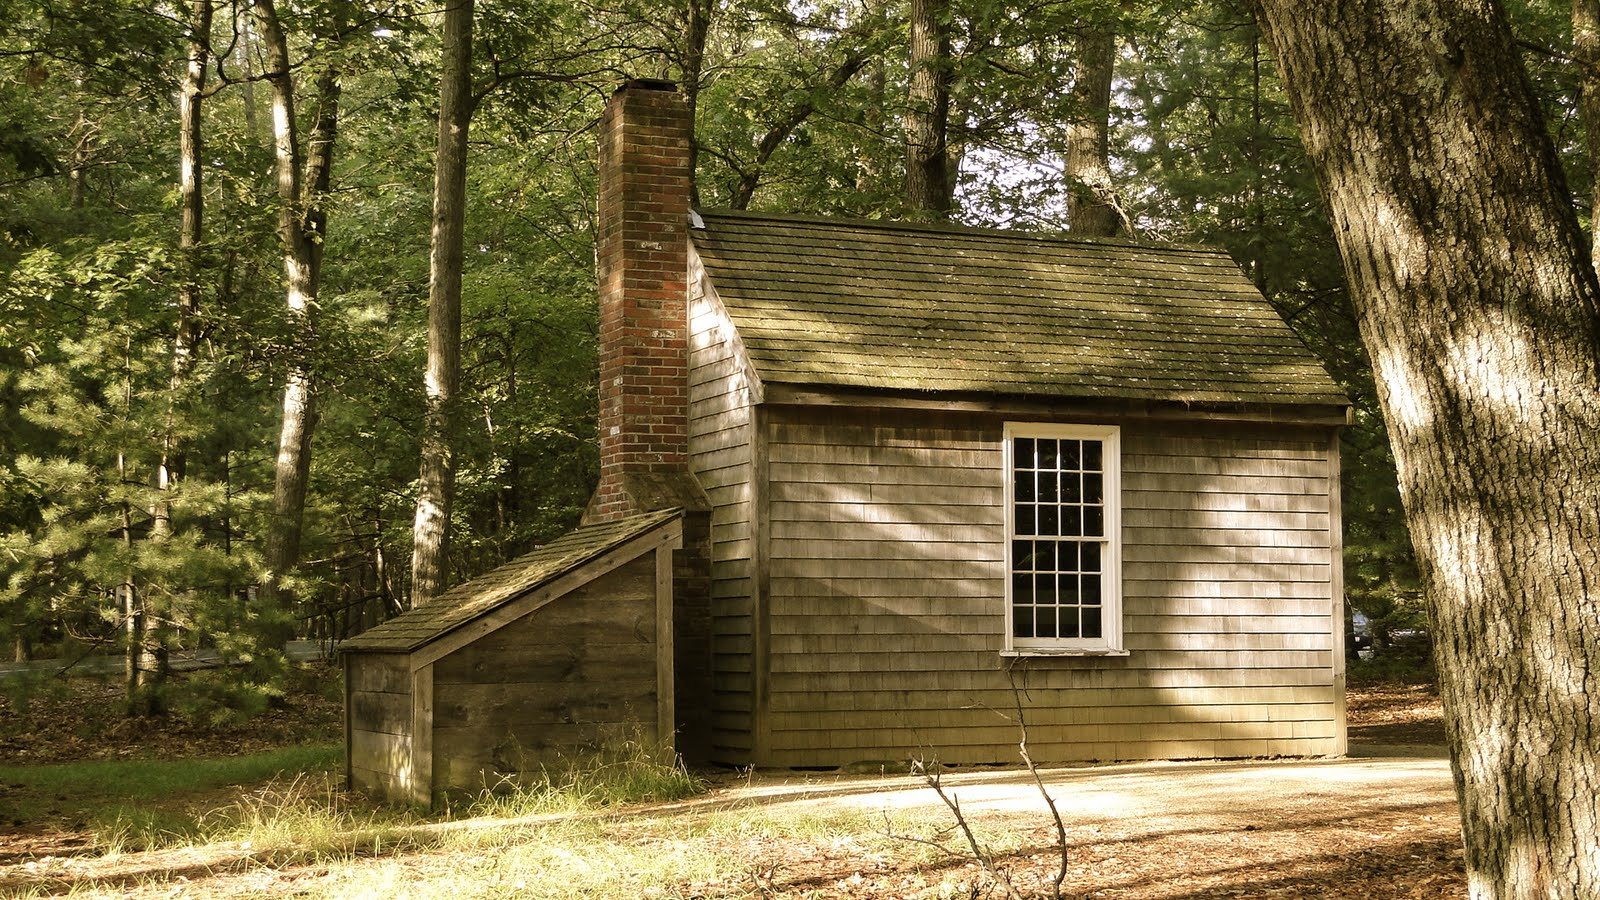 הרשת הירוקה: אגם וולדן, למידה משמעותית, חינוך חוץ. בקתת עץ ביער בה התגורר הנרי תורו